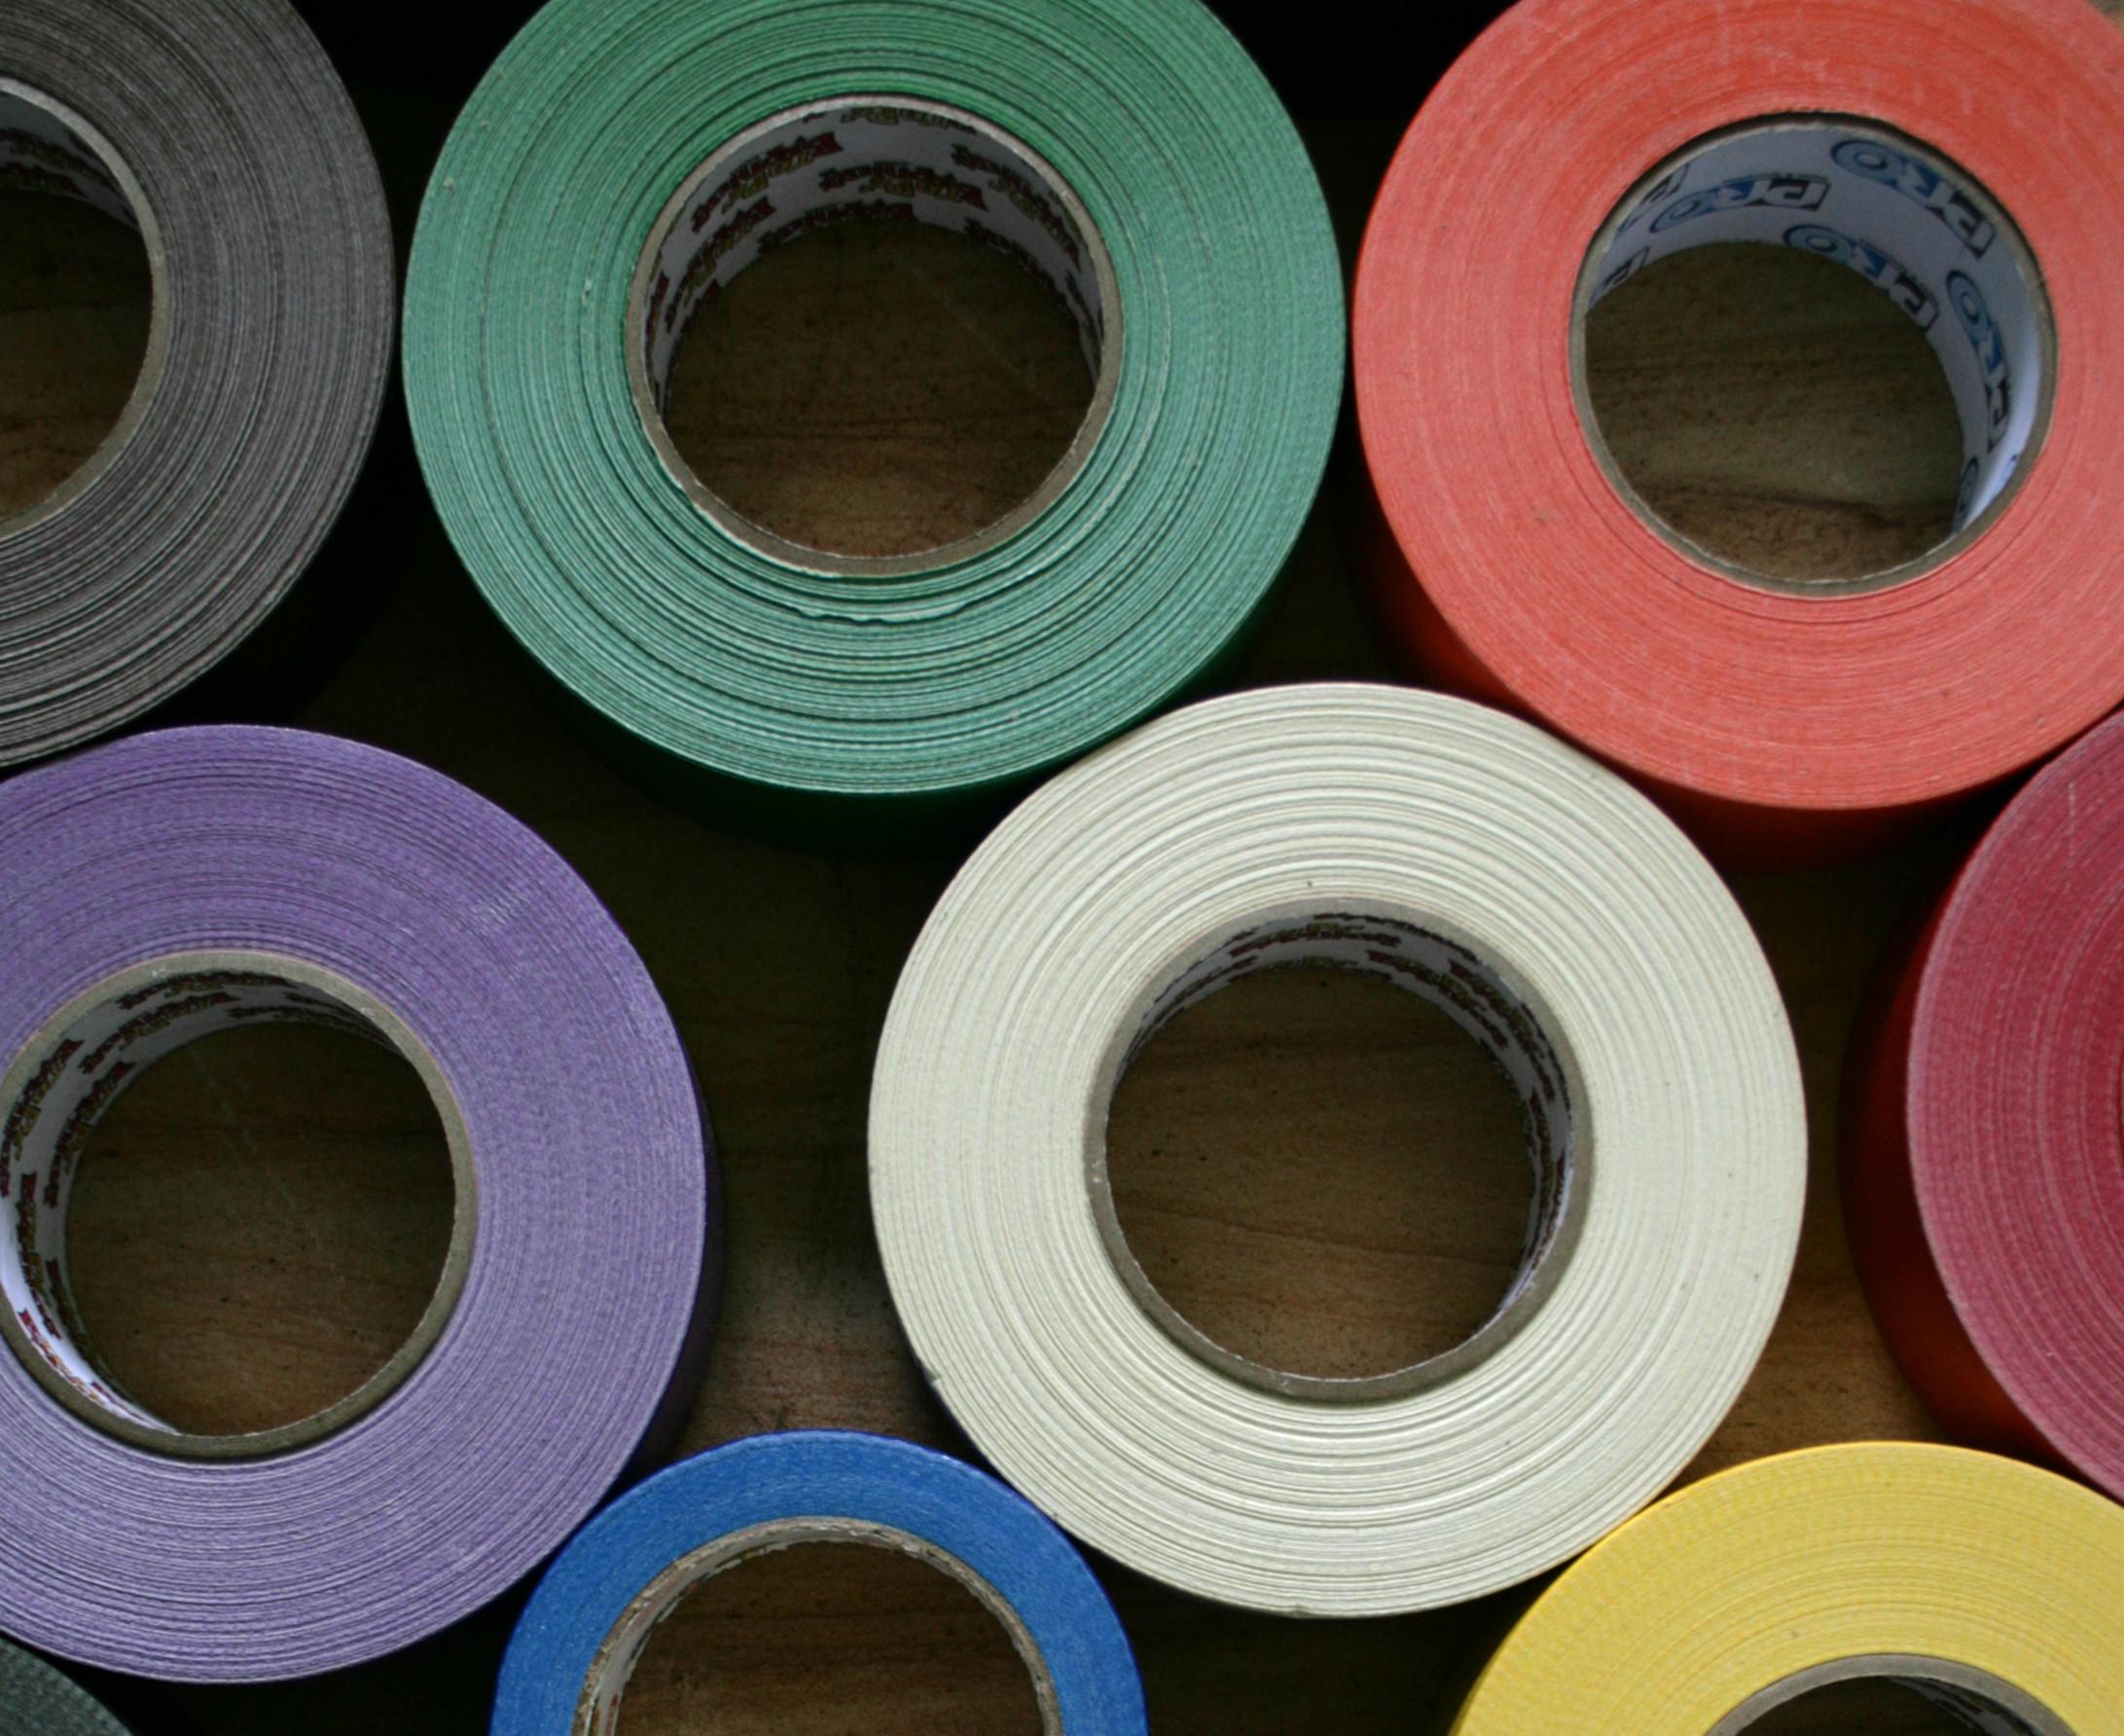 Rolls-of-tape-e1456001004168.jpg